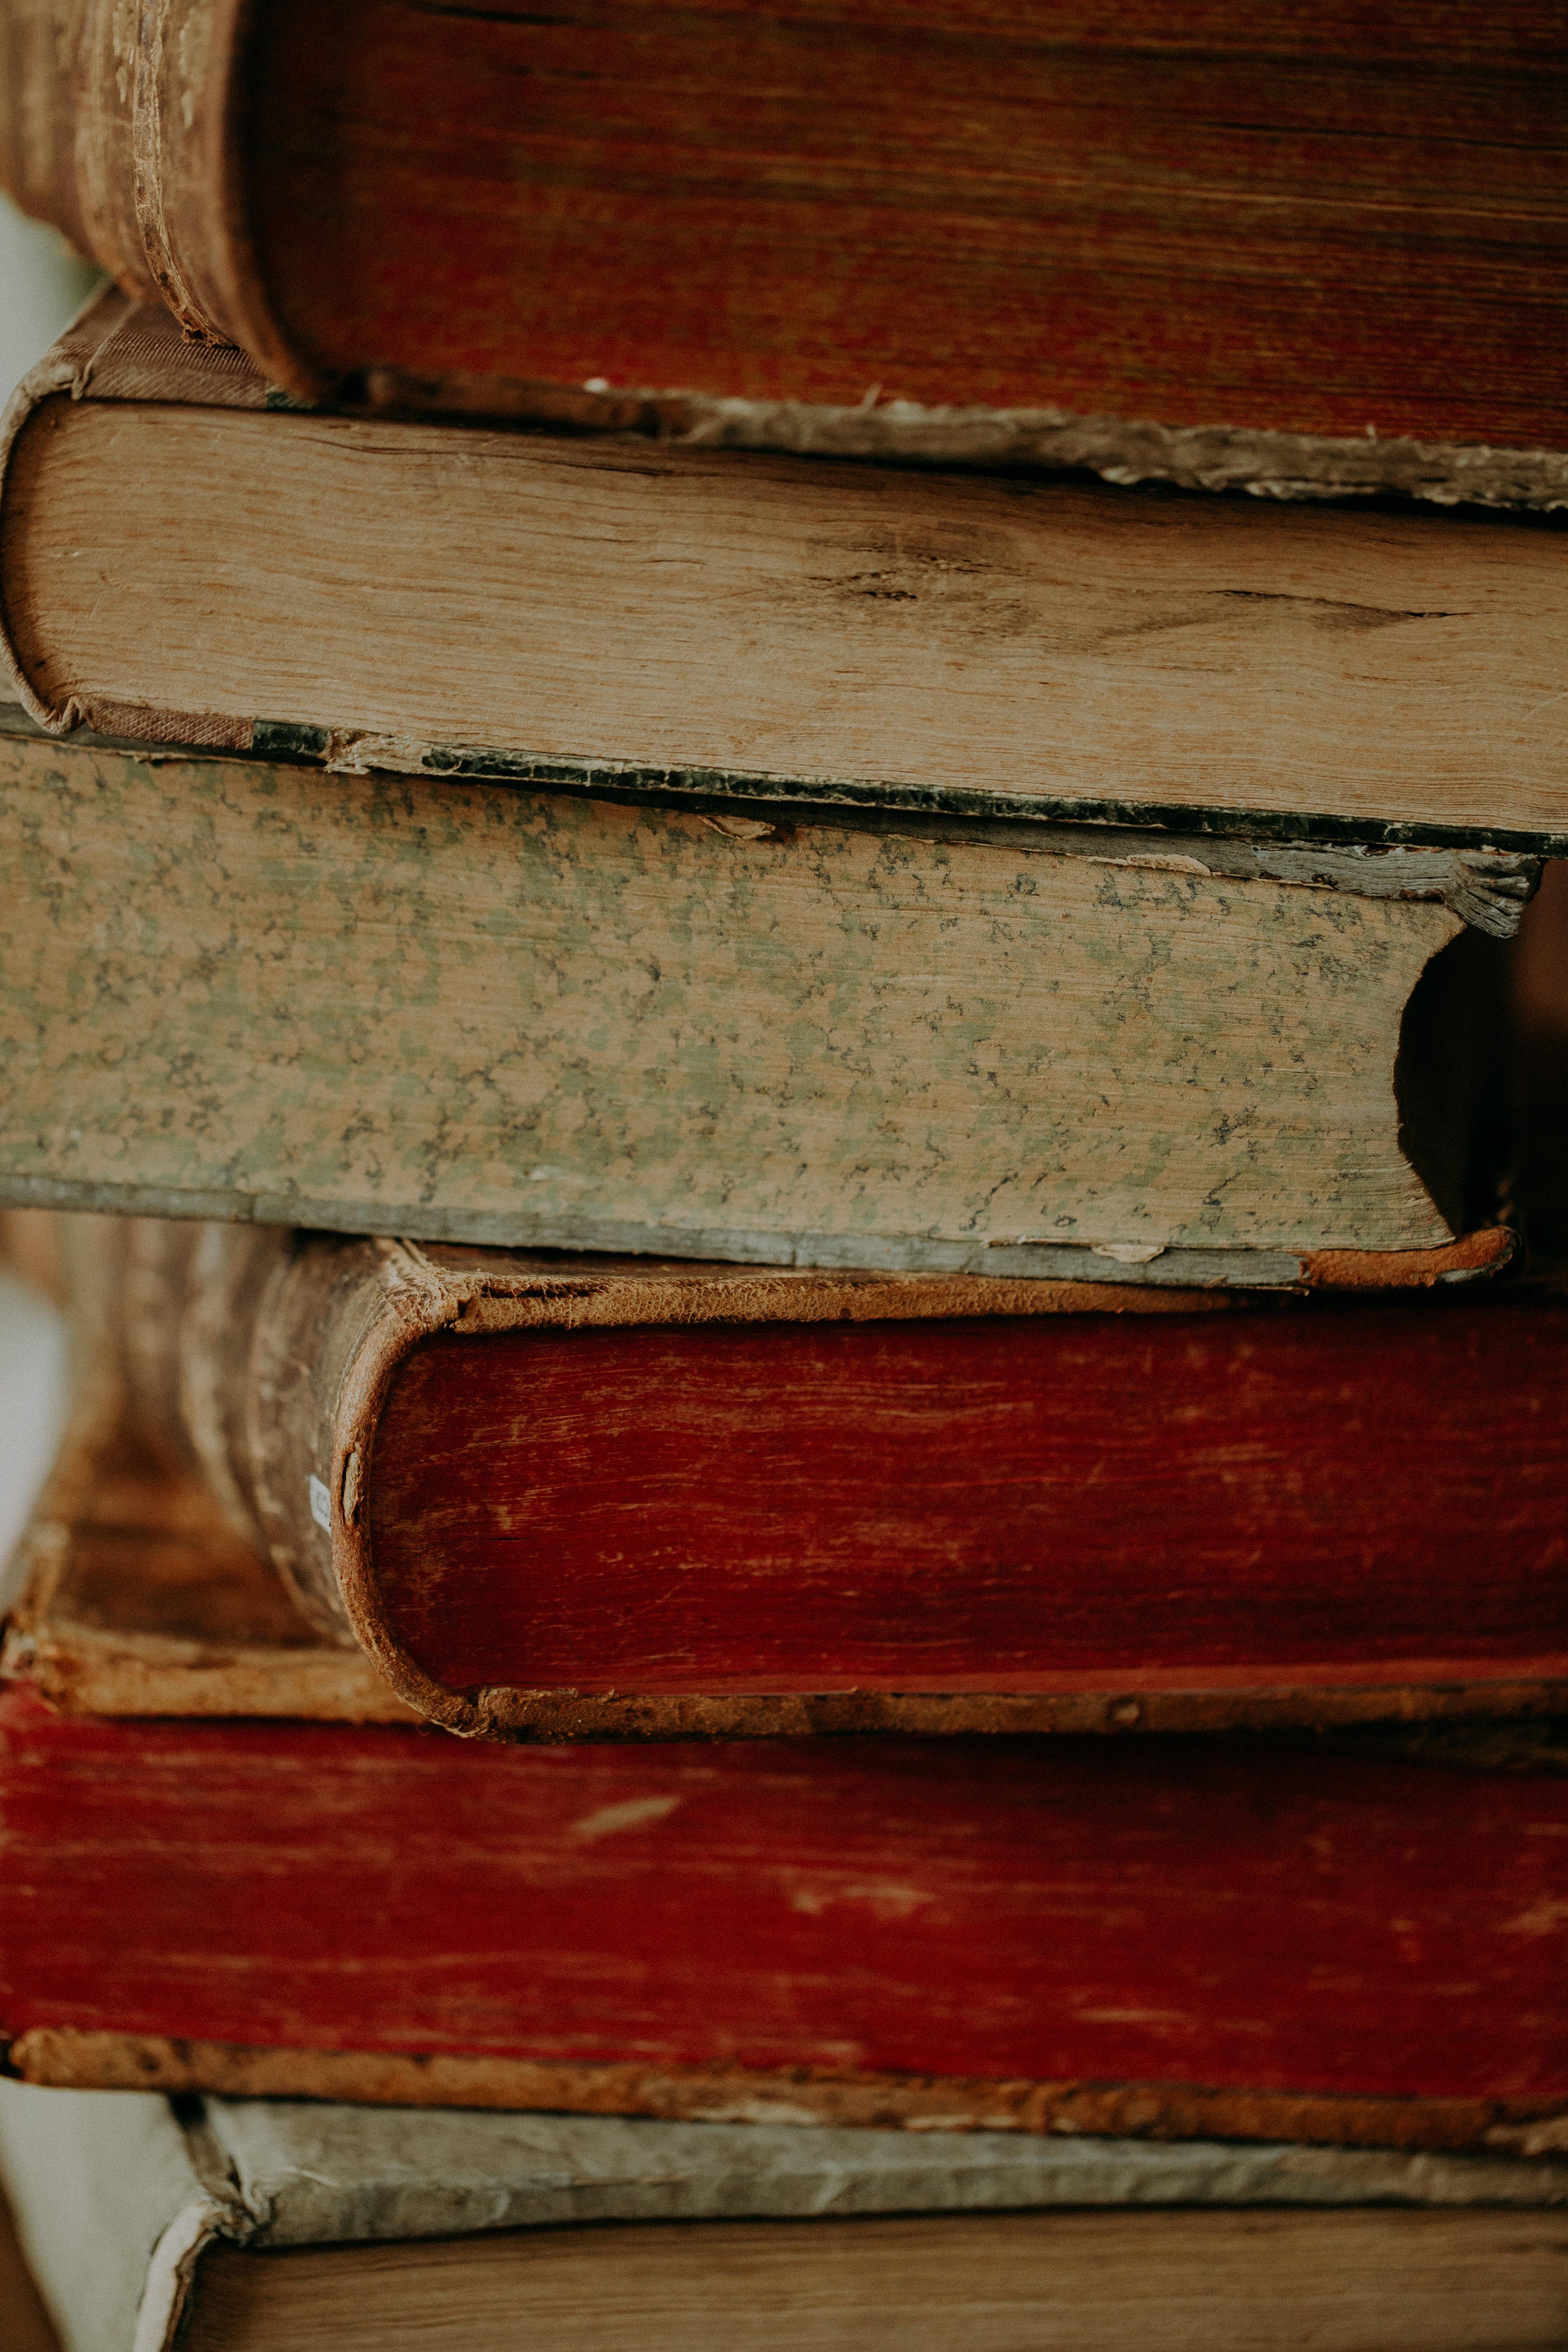 147419 скачать обои Разное, Книги, Чтение, Винтаж, Старинный - заставки и картинки бесплатно